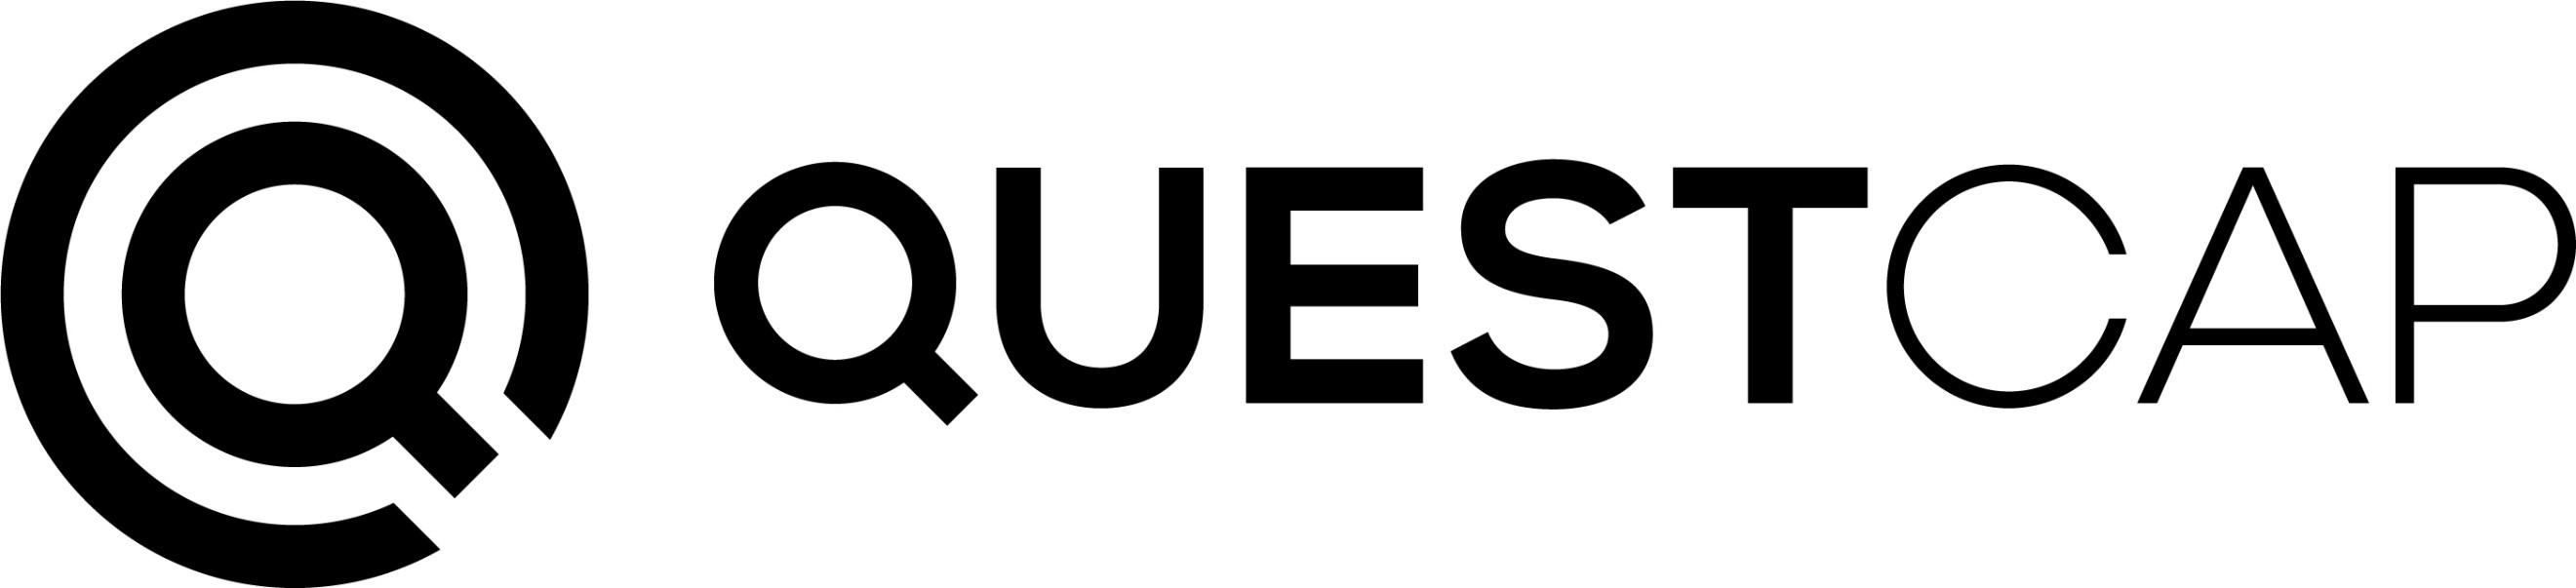 """Lionsgate Implements Glenco's protocol """"Standard for Safe Set"""""""